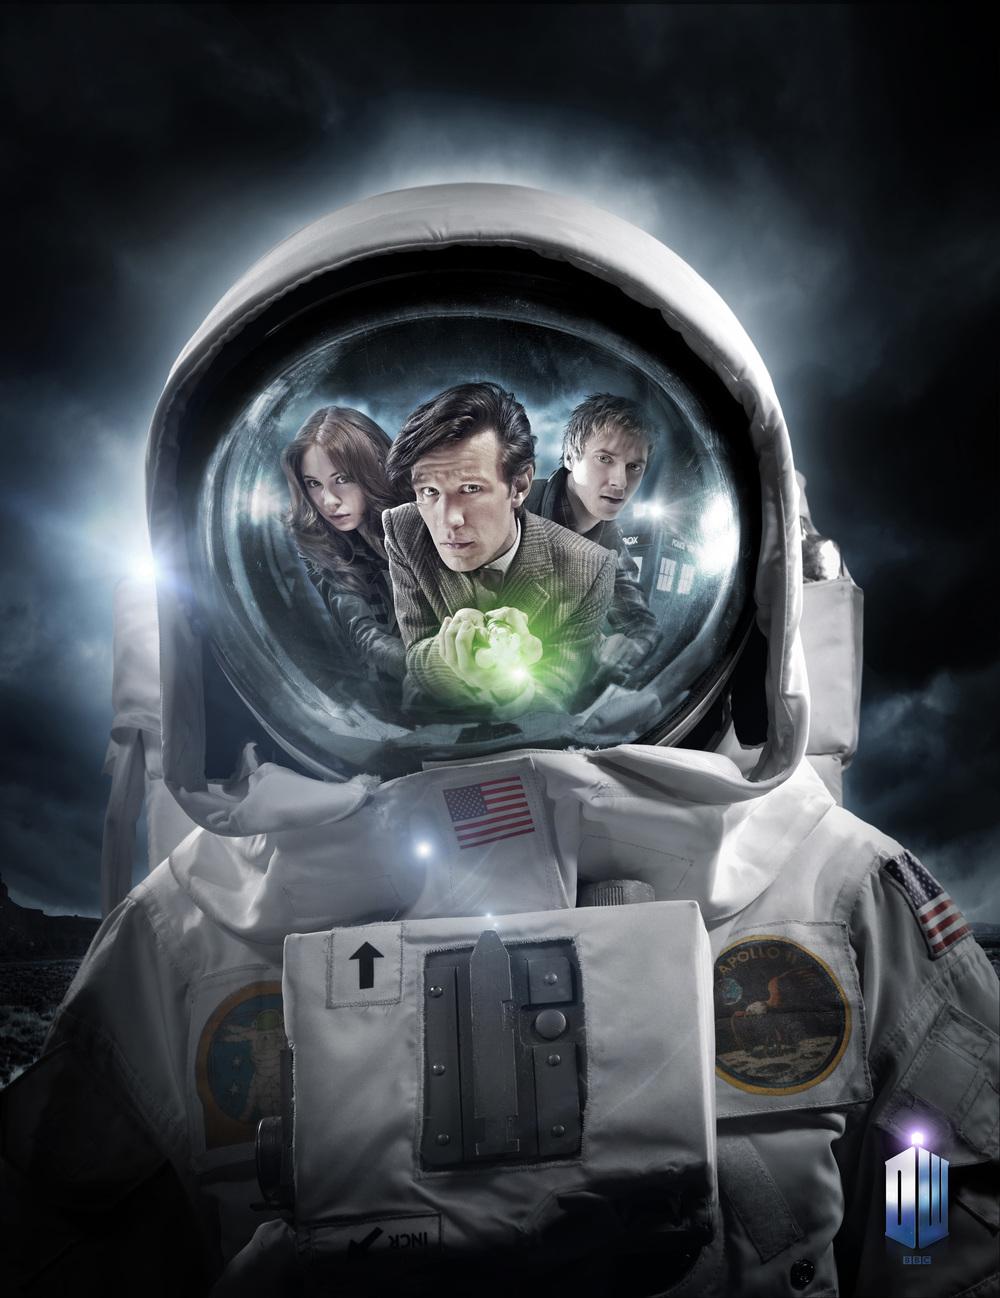 08-spaceman3000.jpg